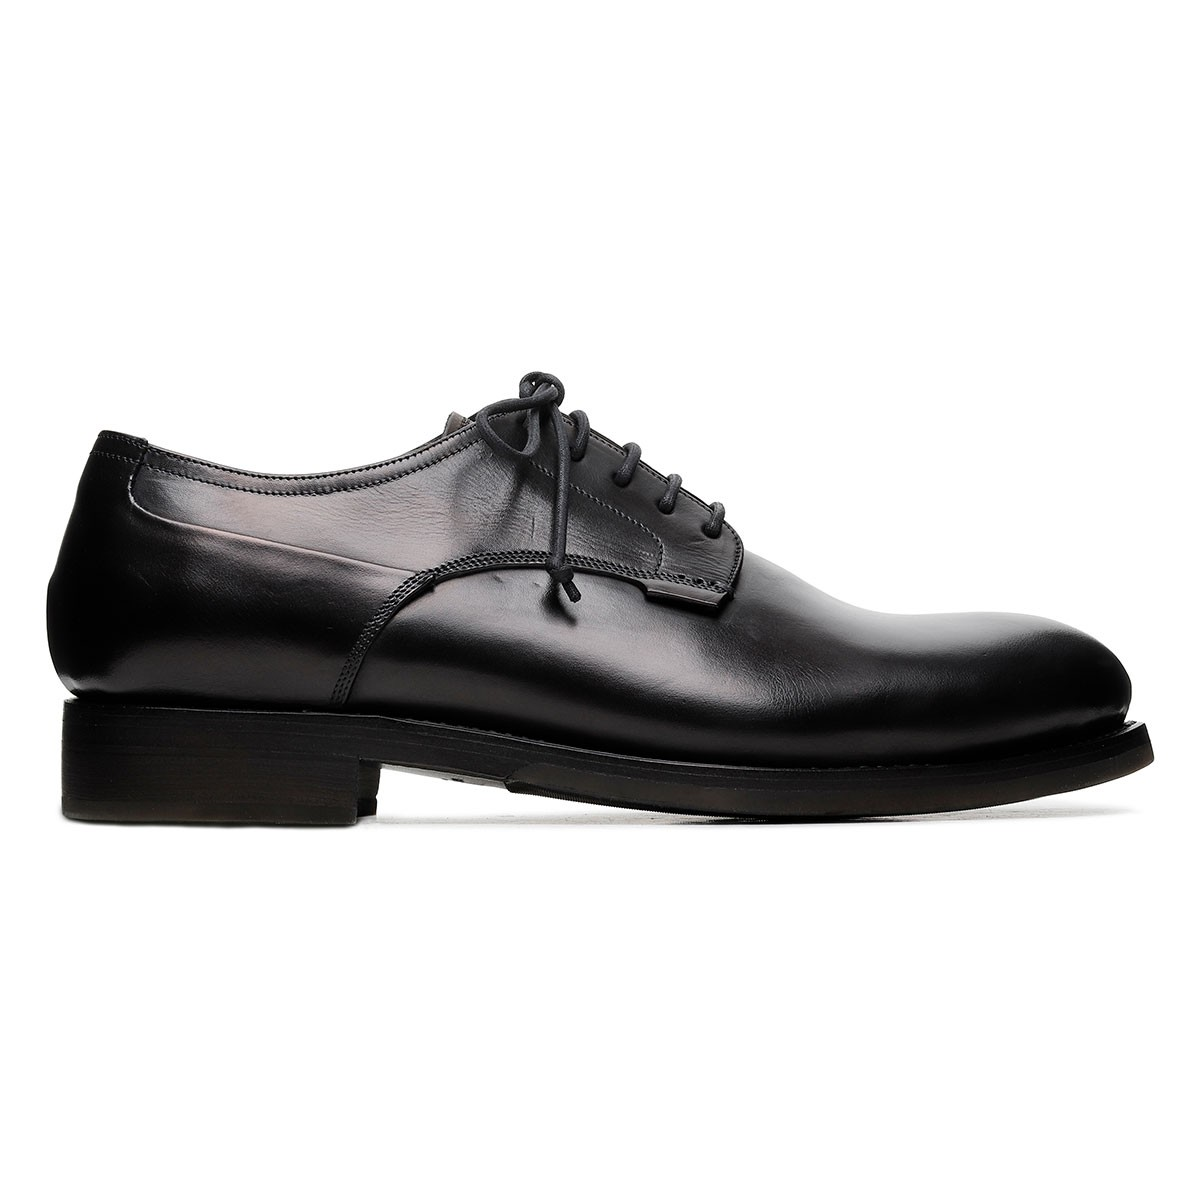 Zurigo black leather Derby shoes